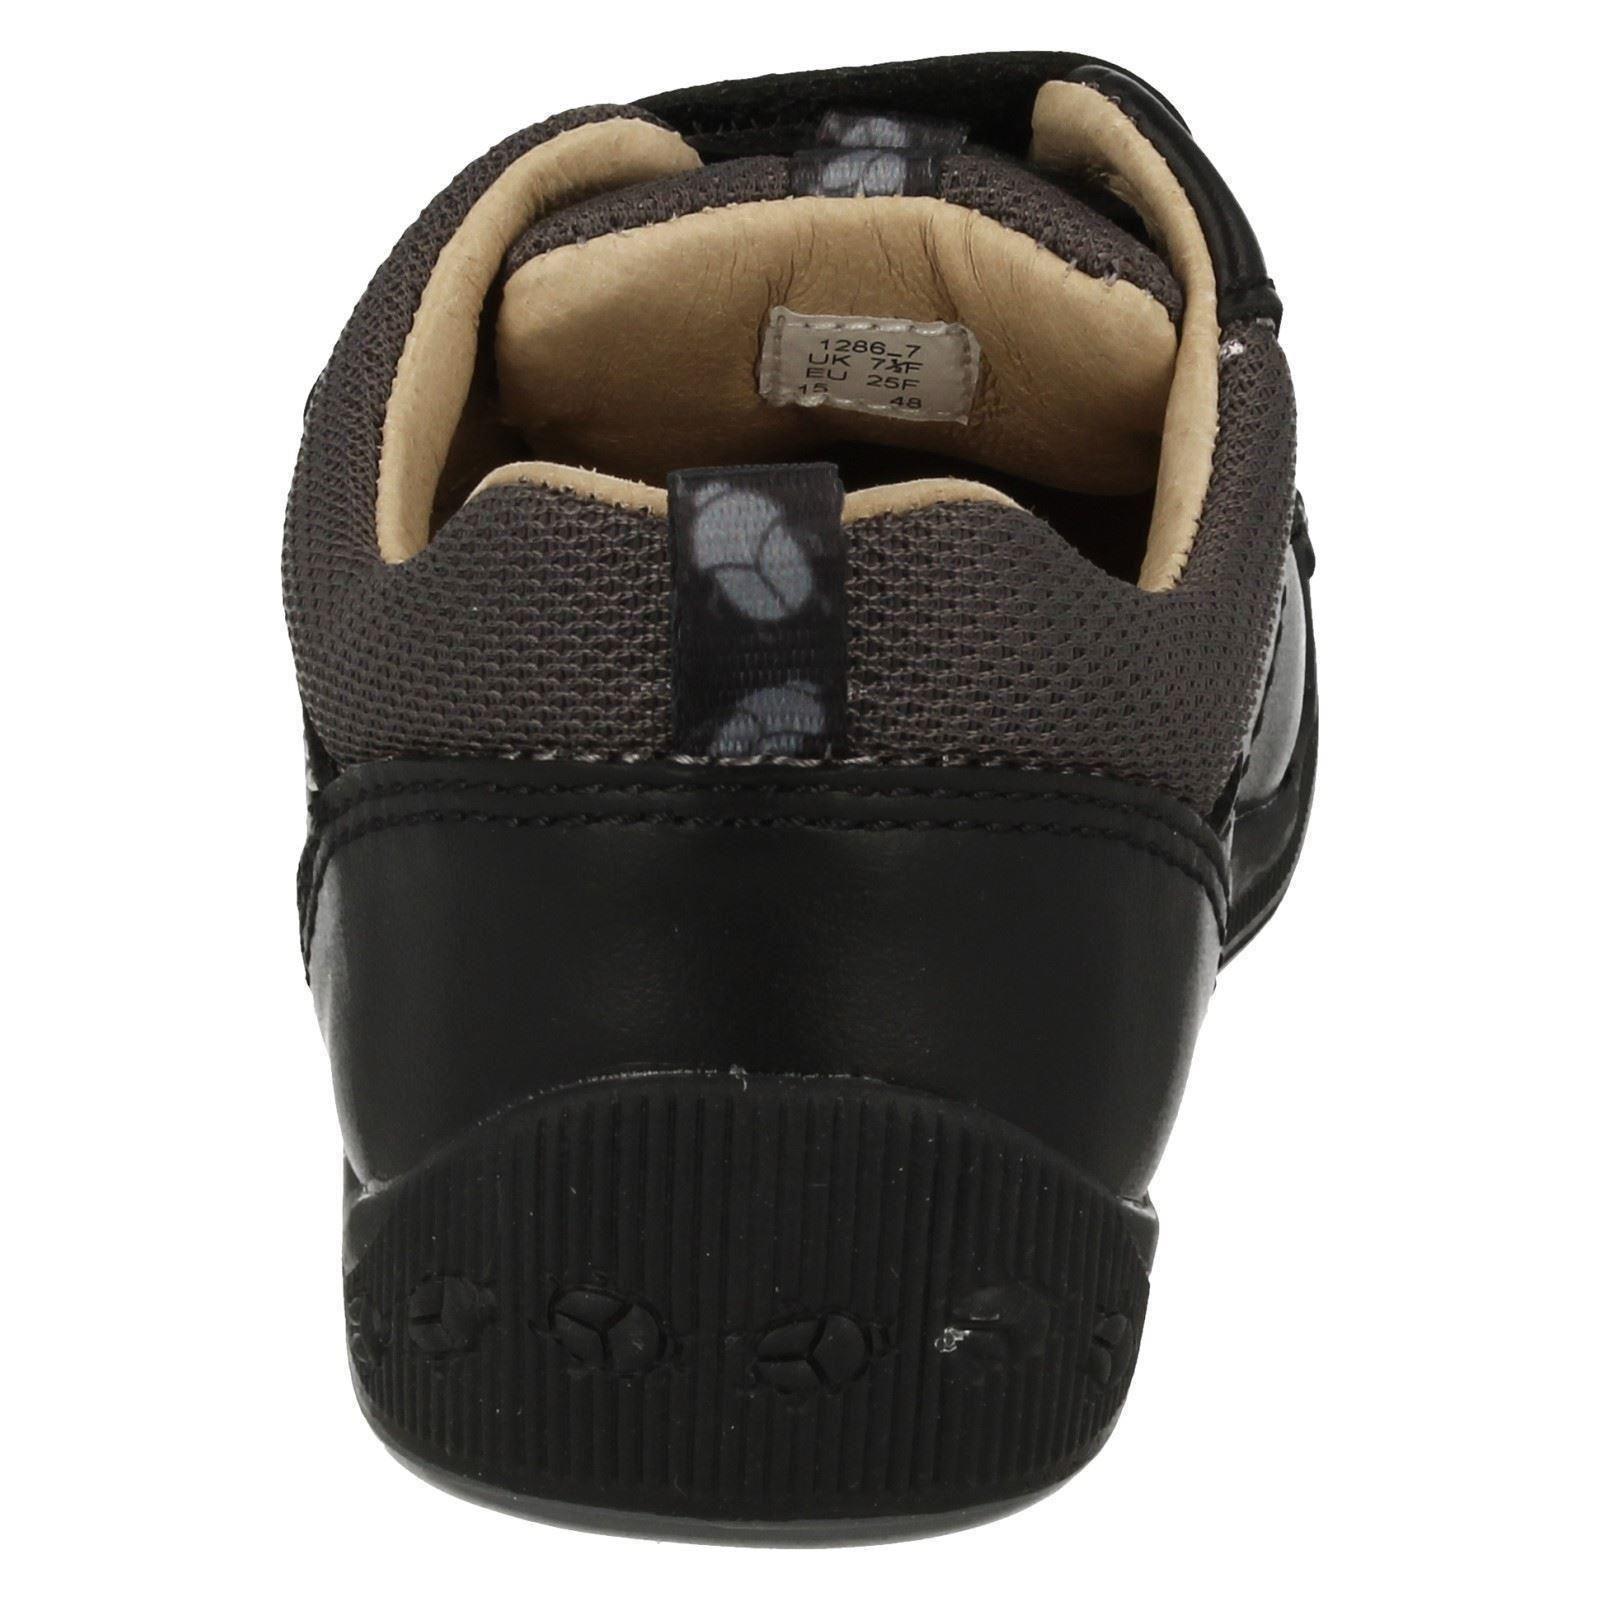 Garçons Startrite Décontracté Premier Crochet /& Boucle Sangle Chaussures En Cuir Super Doux Beetlebug